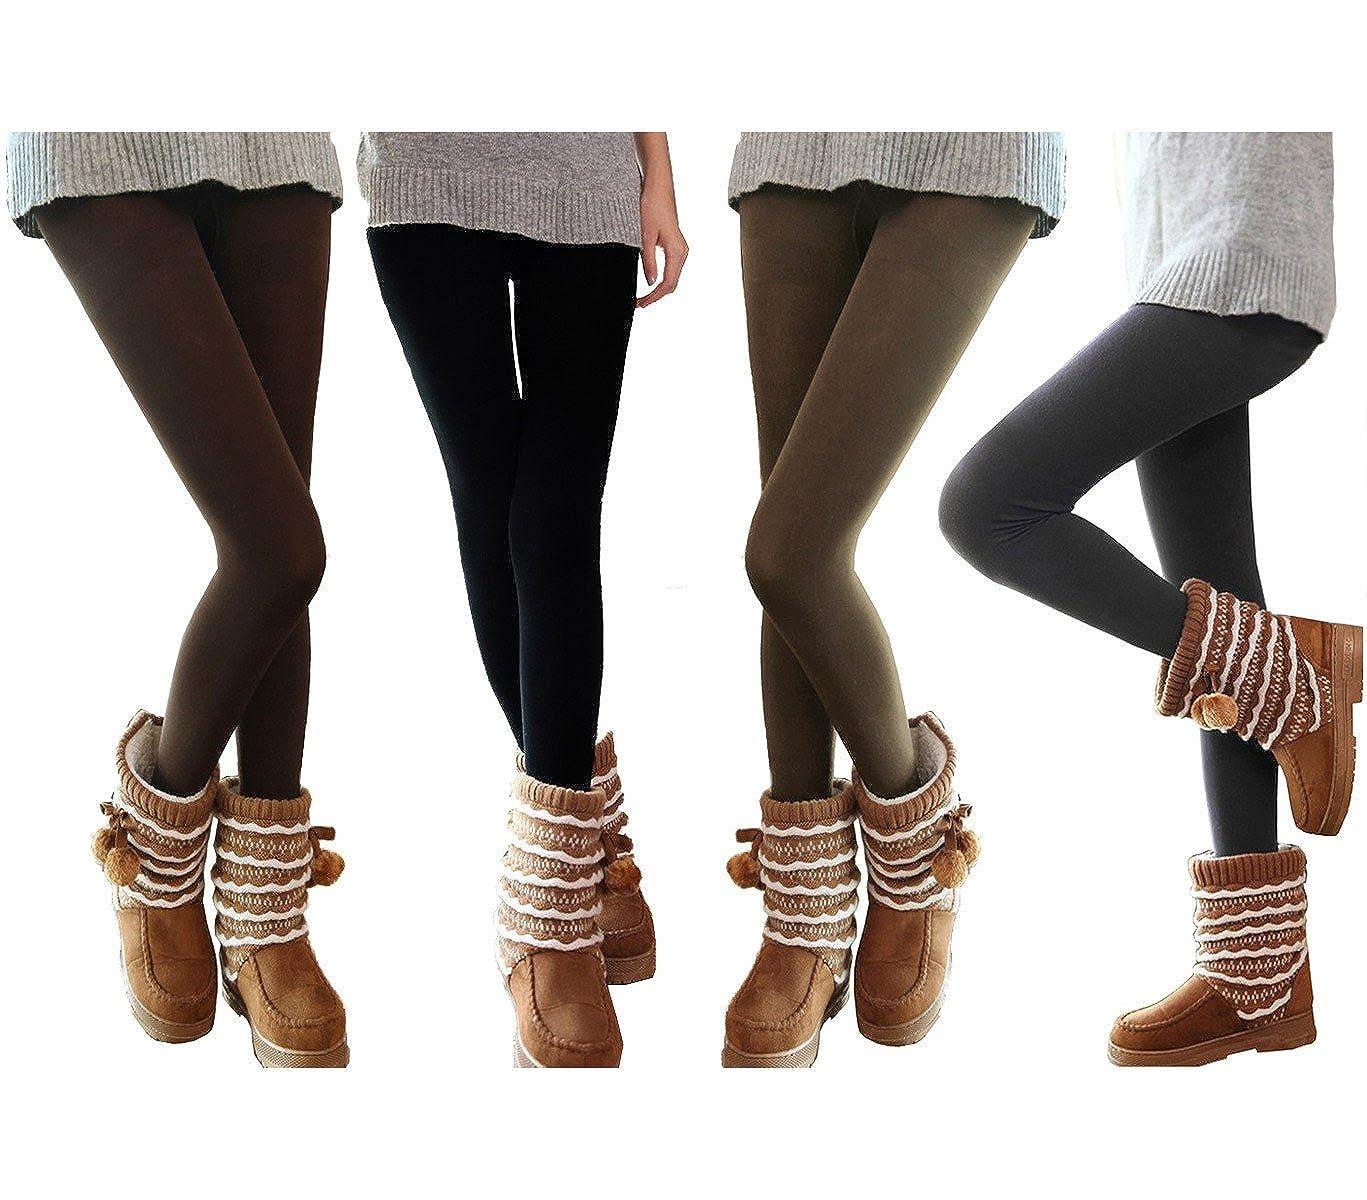 Set 5 leggings donna effetto termico felpato ass. SATURNO collant taglia unica. MEDIA WAVE store ®